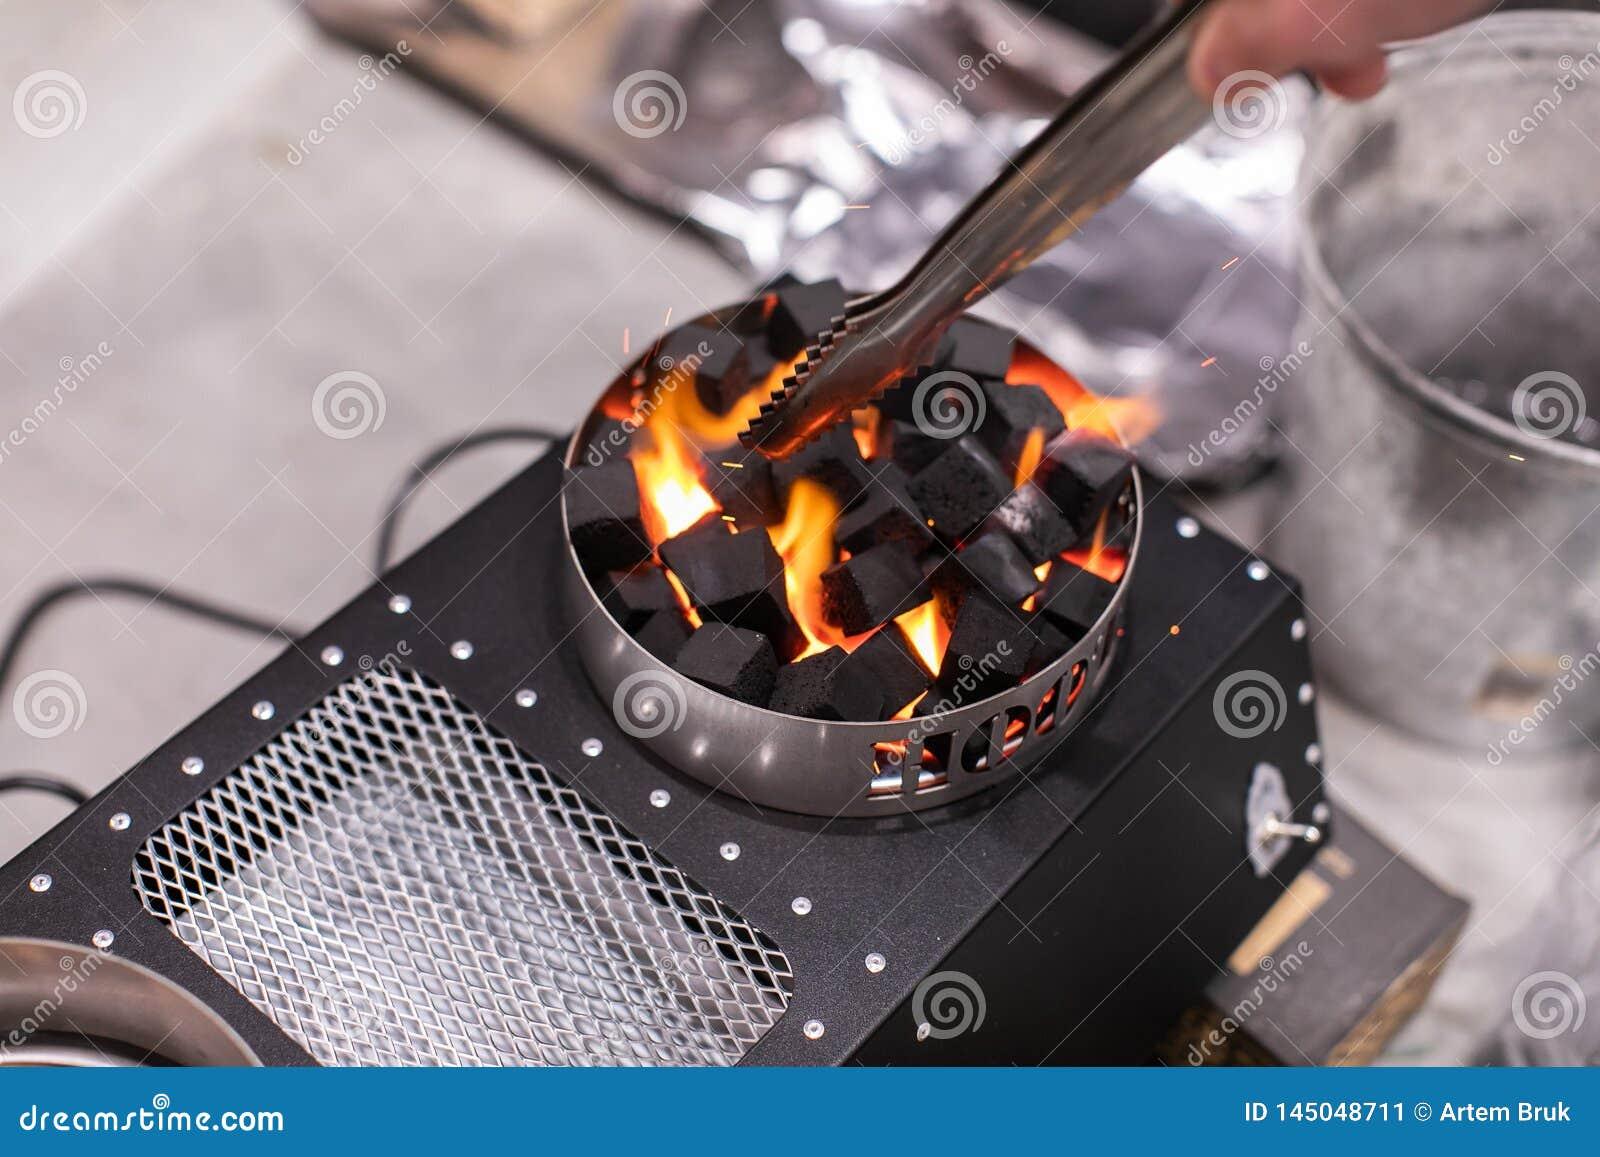 Elektrischer Ofen für Zündung von Kohlen für Shisha Glühen